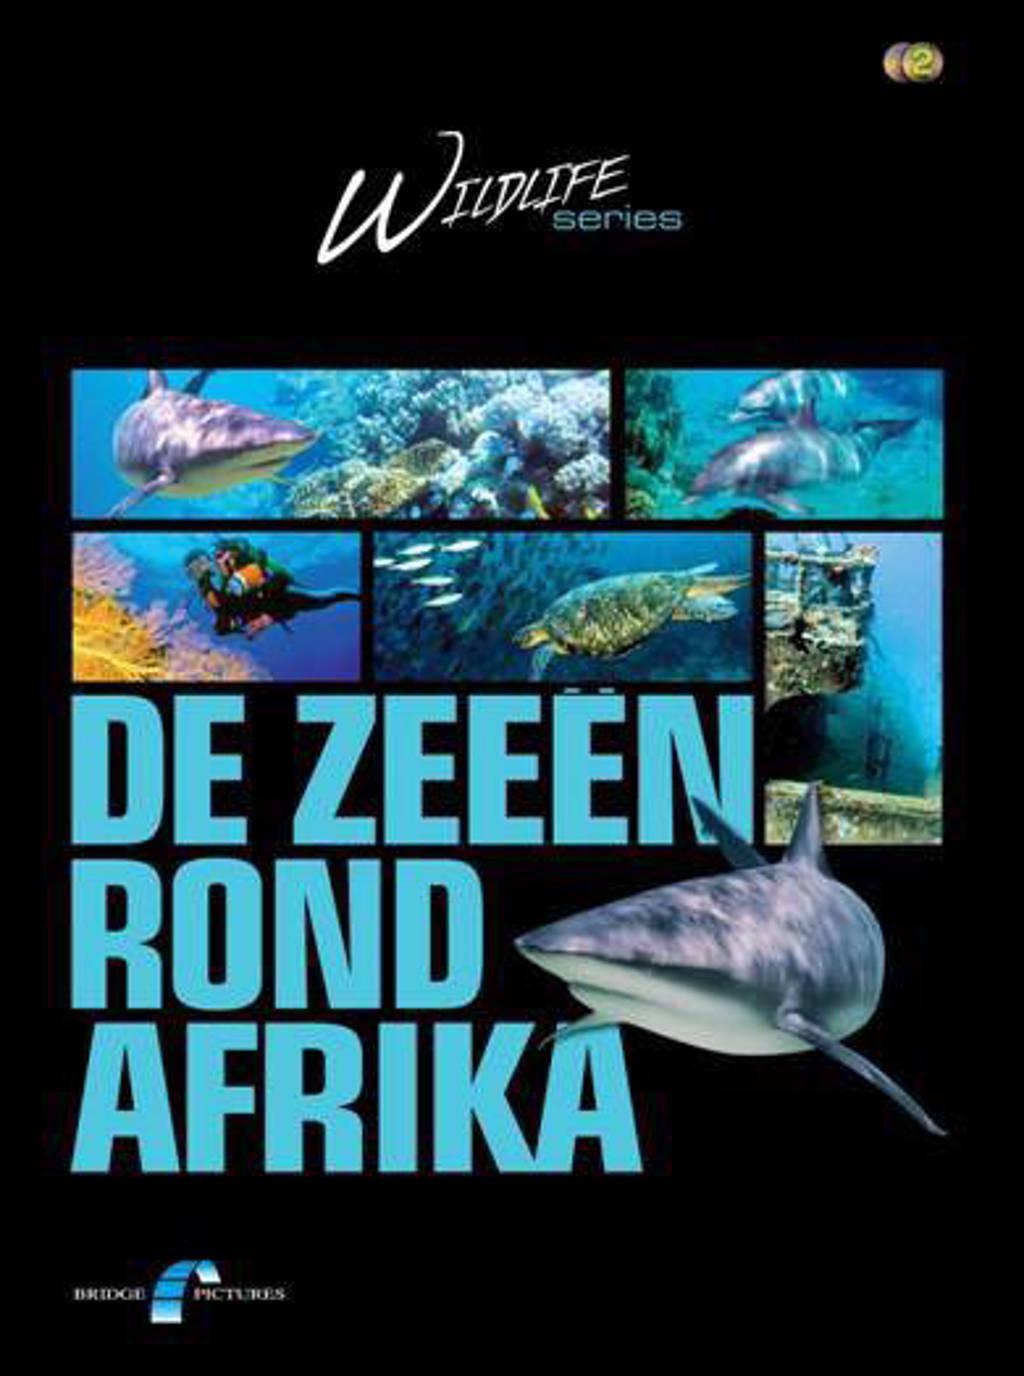 Wildlife - De zeeën rond Afrika (DVD)